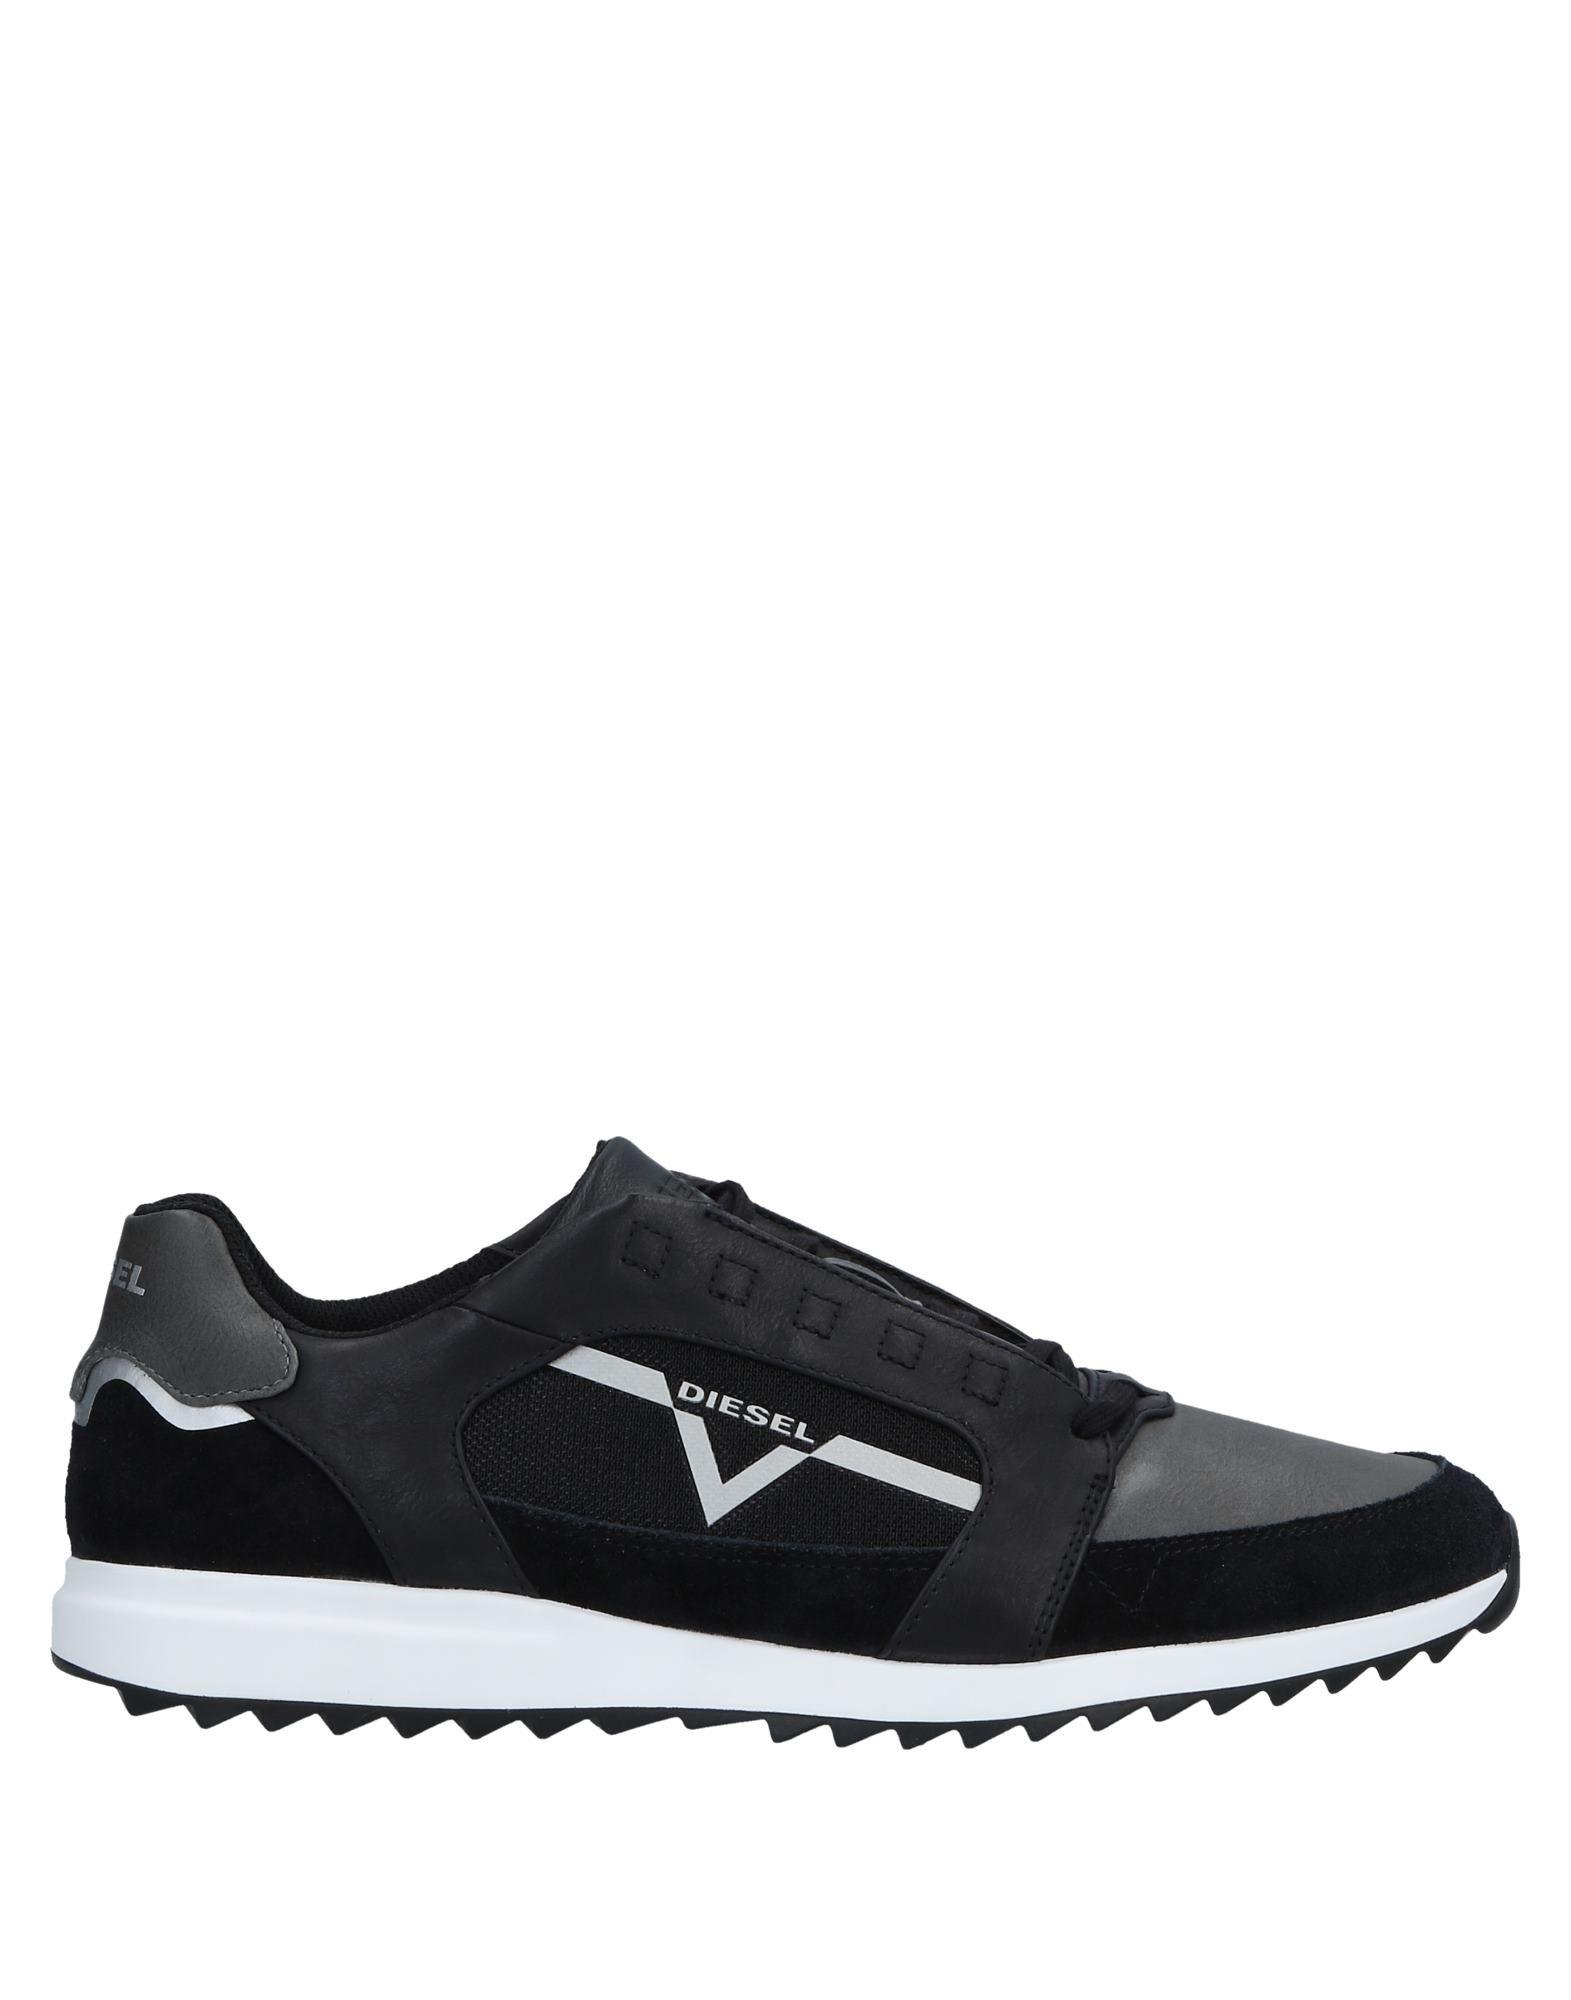 Diesel Sneakers - Men Diesel Sneakers online - on  United Kingdom - online 11414758RT 31cc19